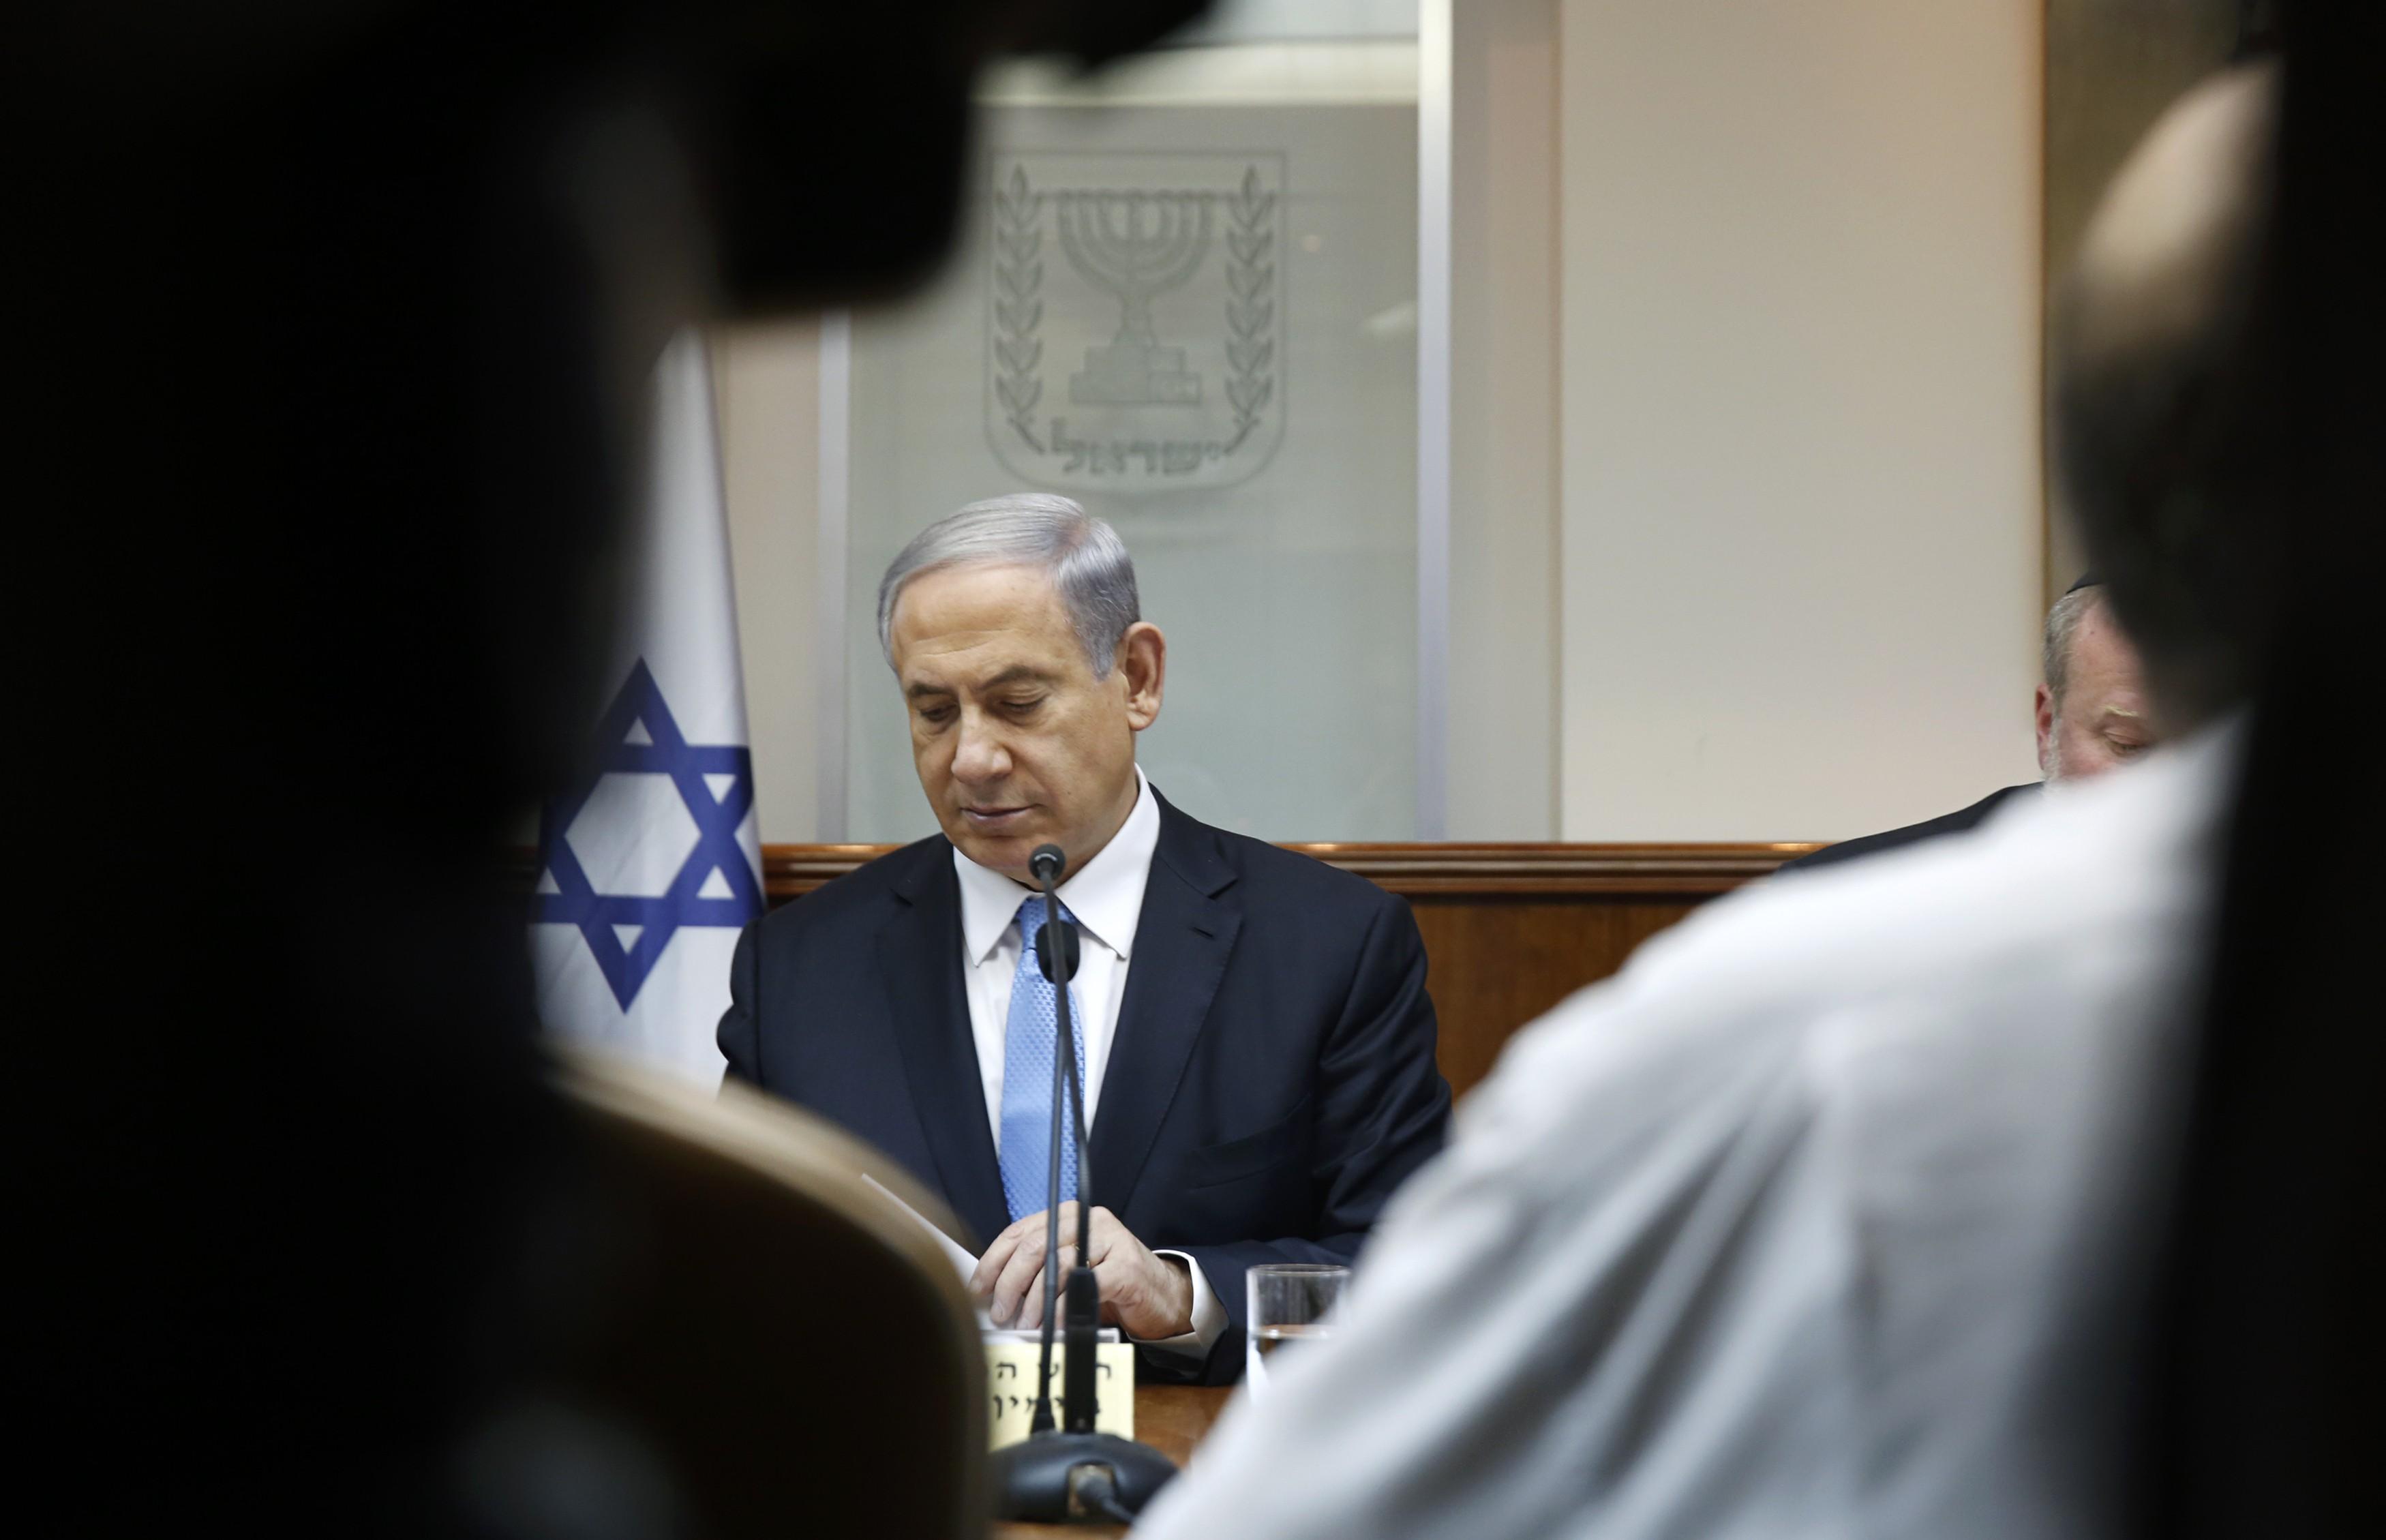 خواسته احزاب مخالف نتانیاهو از وی: از سمت خود استعفا بده